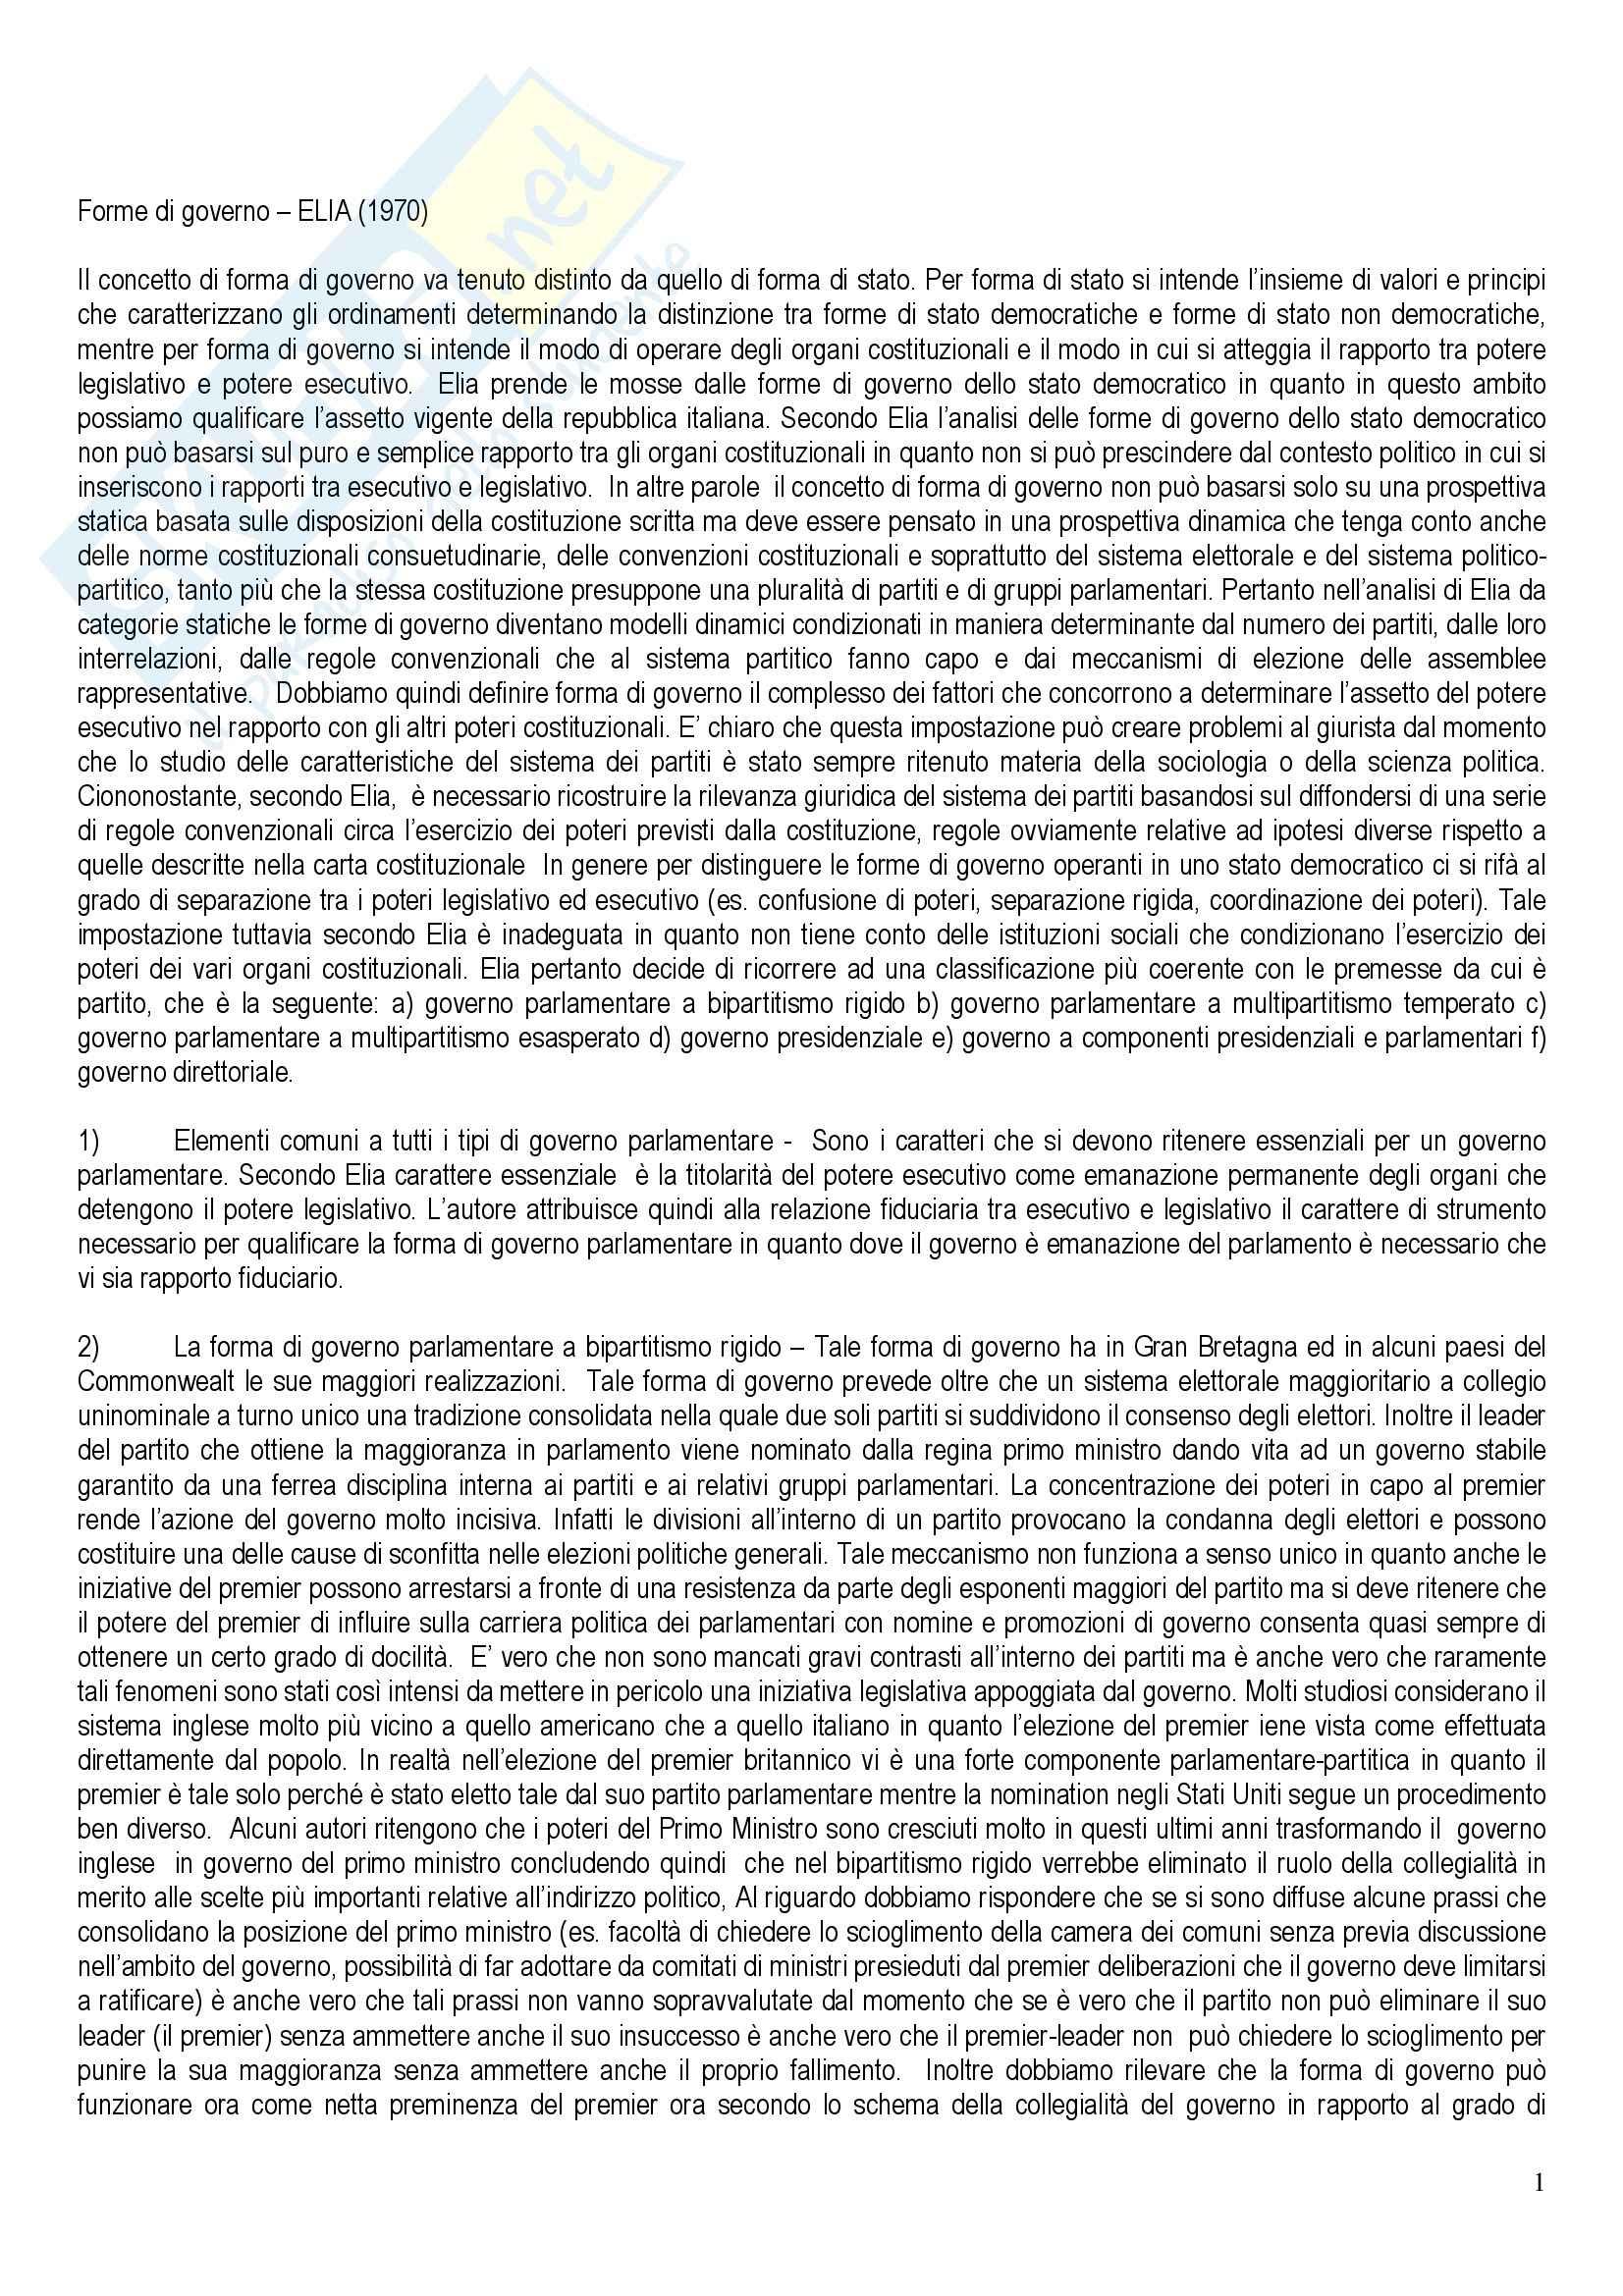 Diritto costituzionale - le forme di governo - Appunti